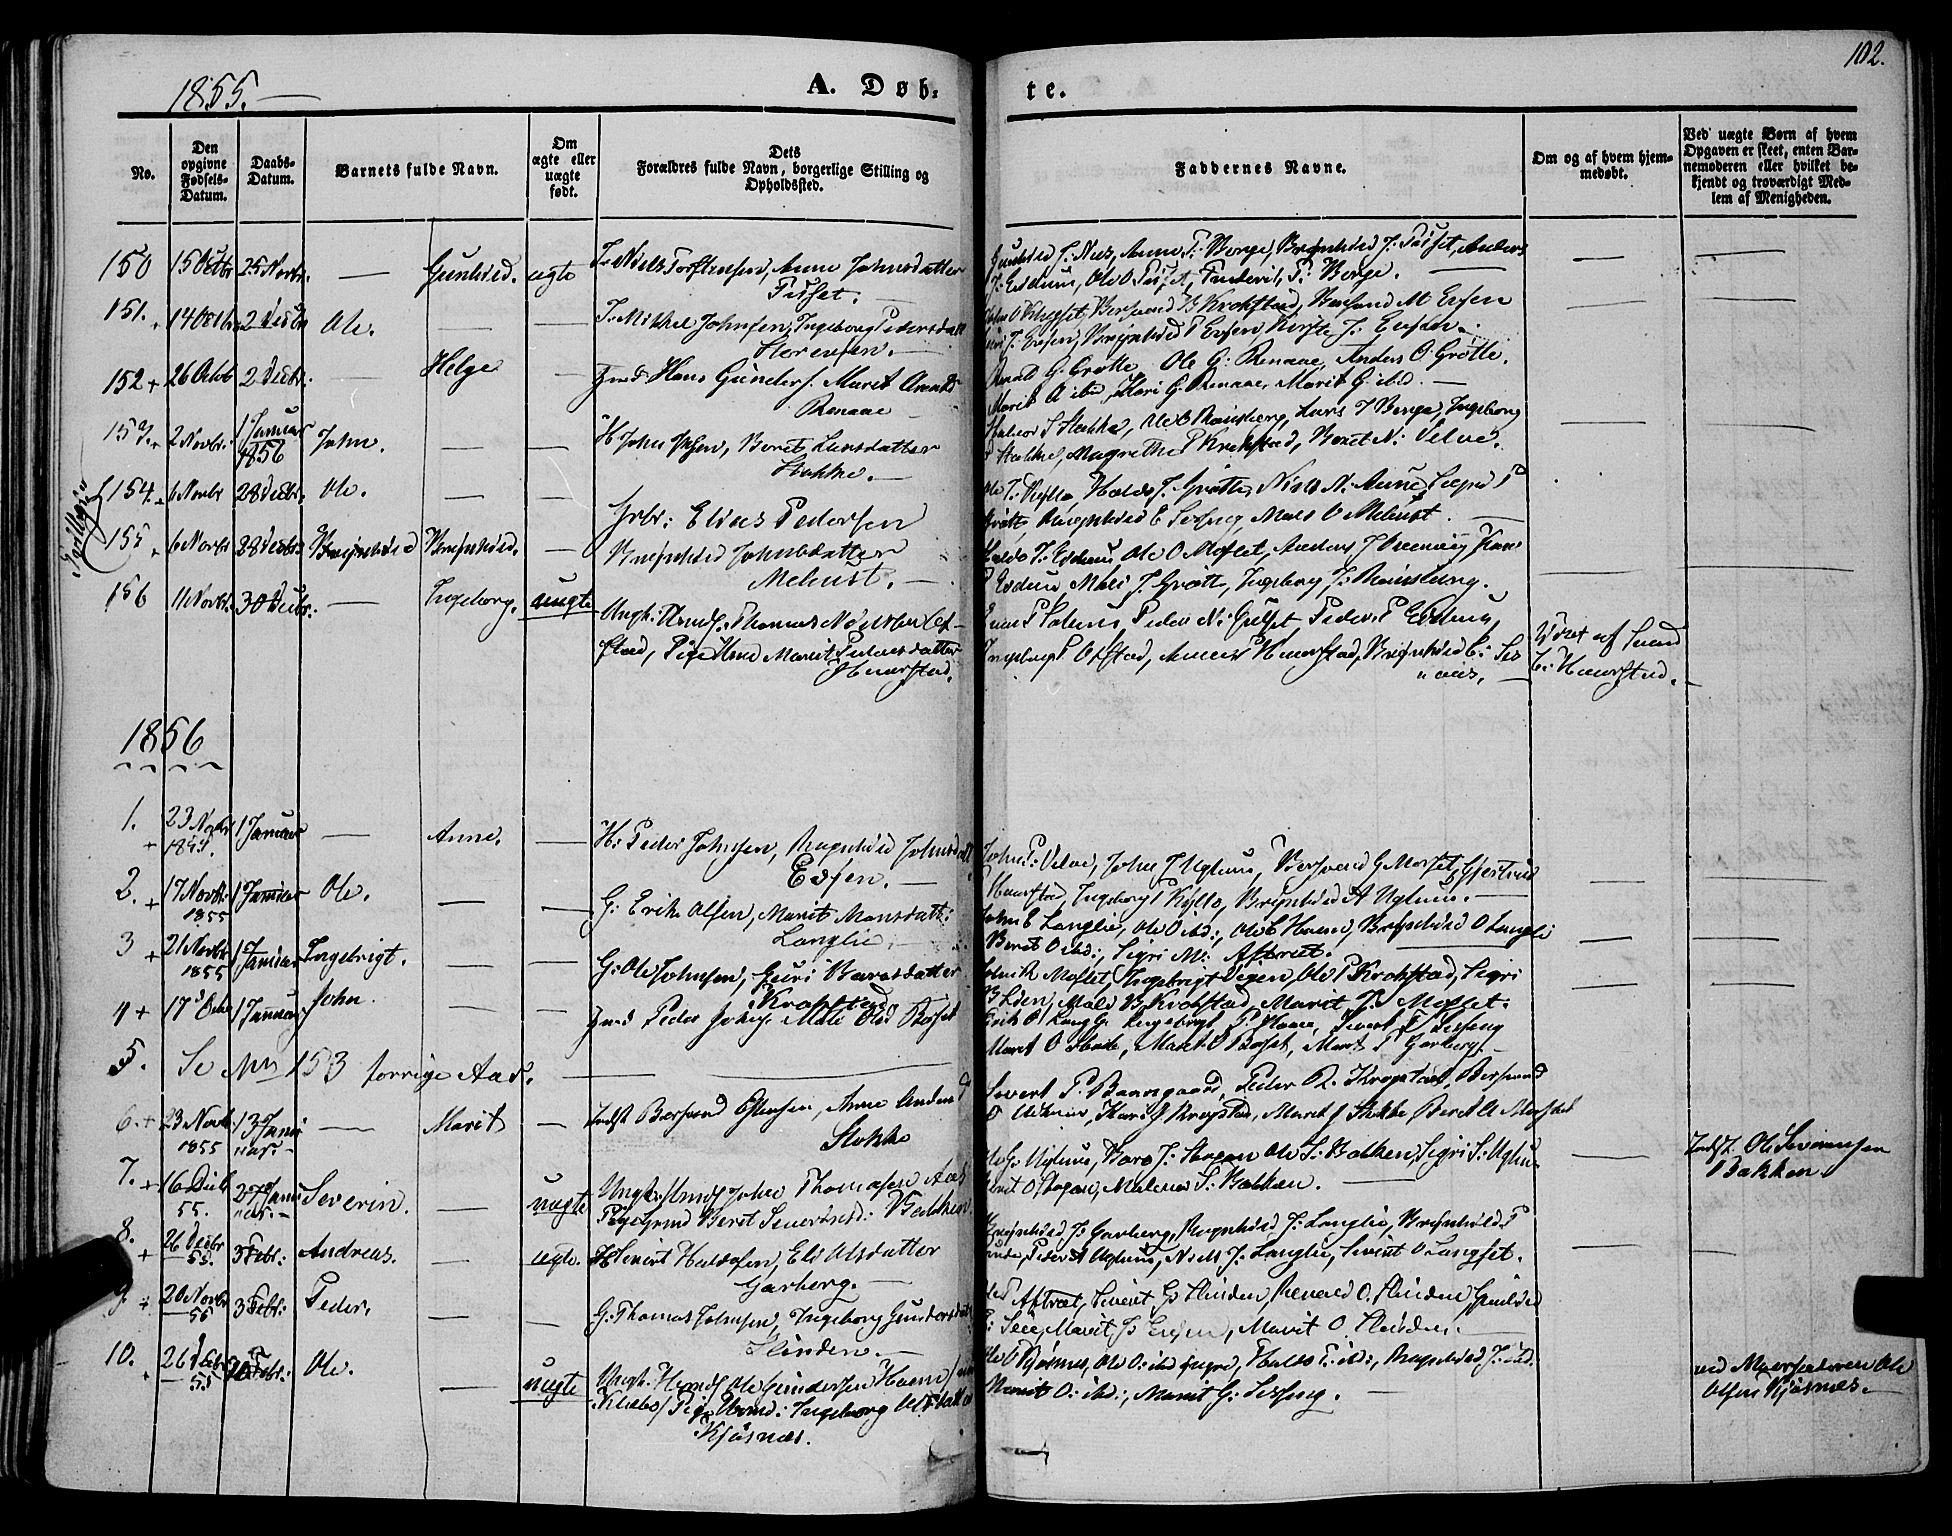 SAT, Ministerialprotokoller, klokkerbøker og fødselsregistre - Sør-Trøndelag, 695/L1145: Ministerialbok nr. 695A06 /1, 1843-1859, s. 102